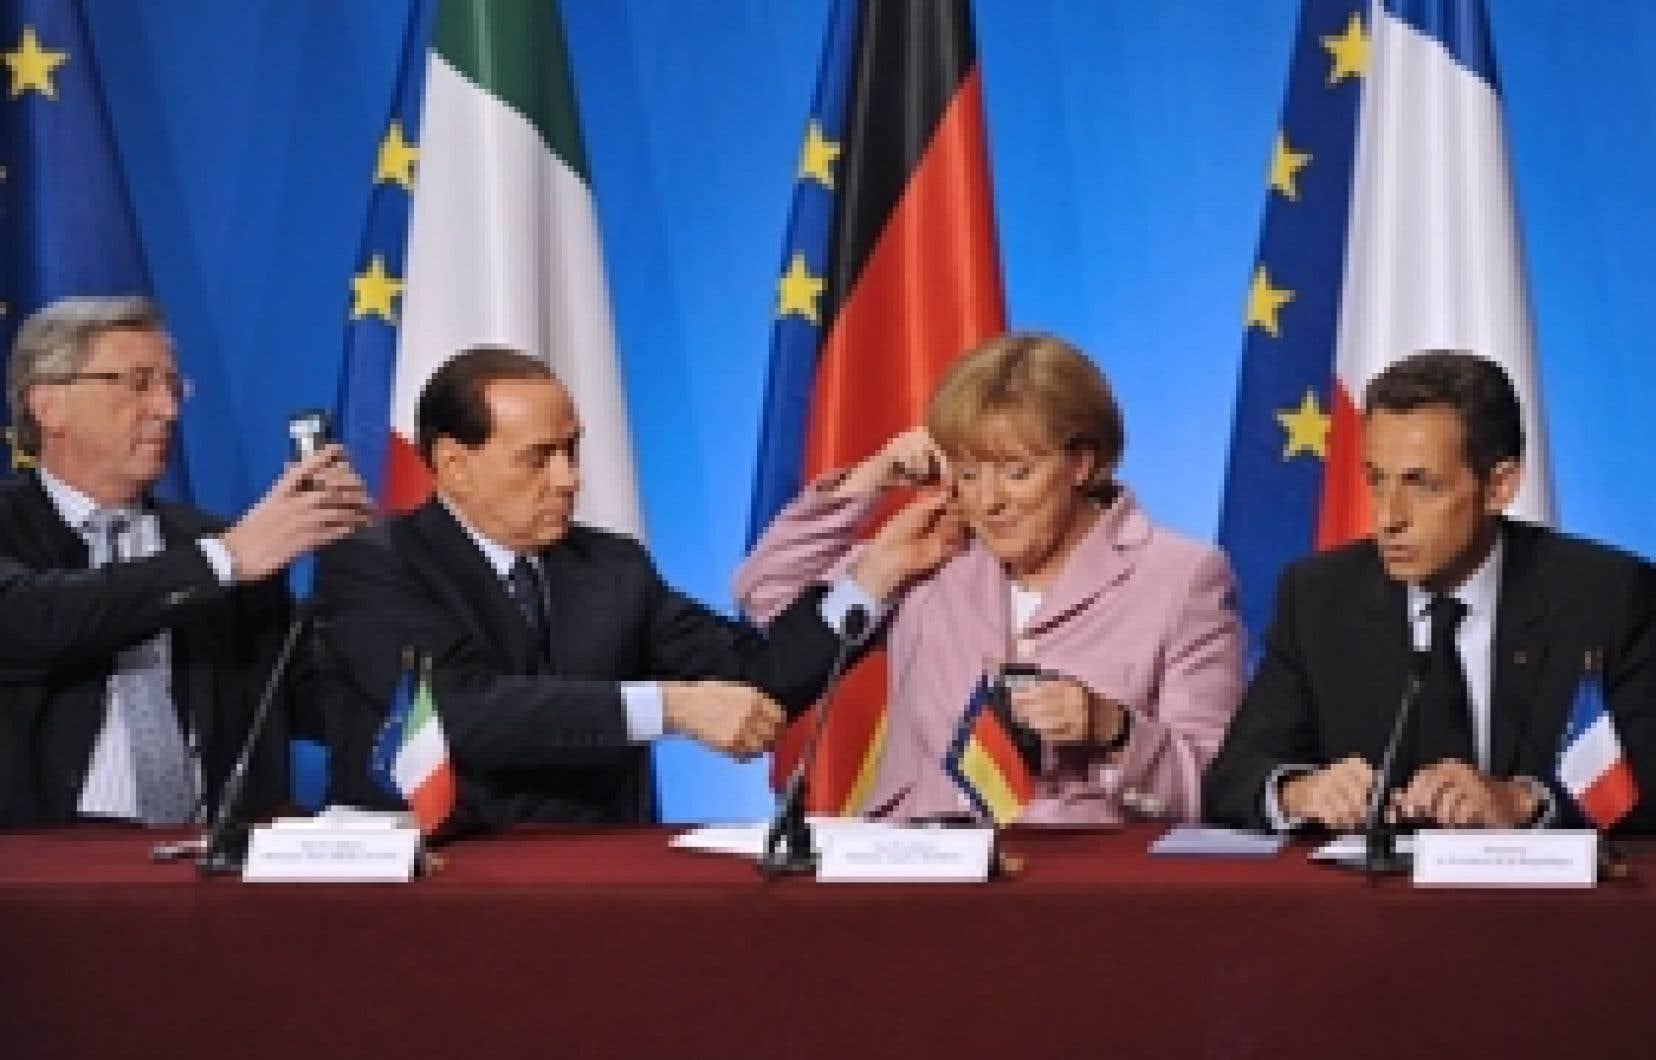 Le premier ministre du Luxembourg, Jean-Claude Dunker, son homologue italien, Silvio Berlusconi, la chancelière allemande, Angela Merkel, et le président français, Nicolas Sarkozy, ont travaillé de concert, samedi, pour tenter de trouver une solution